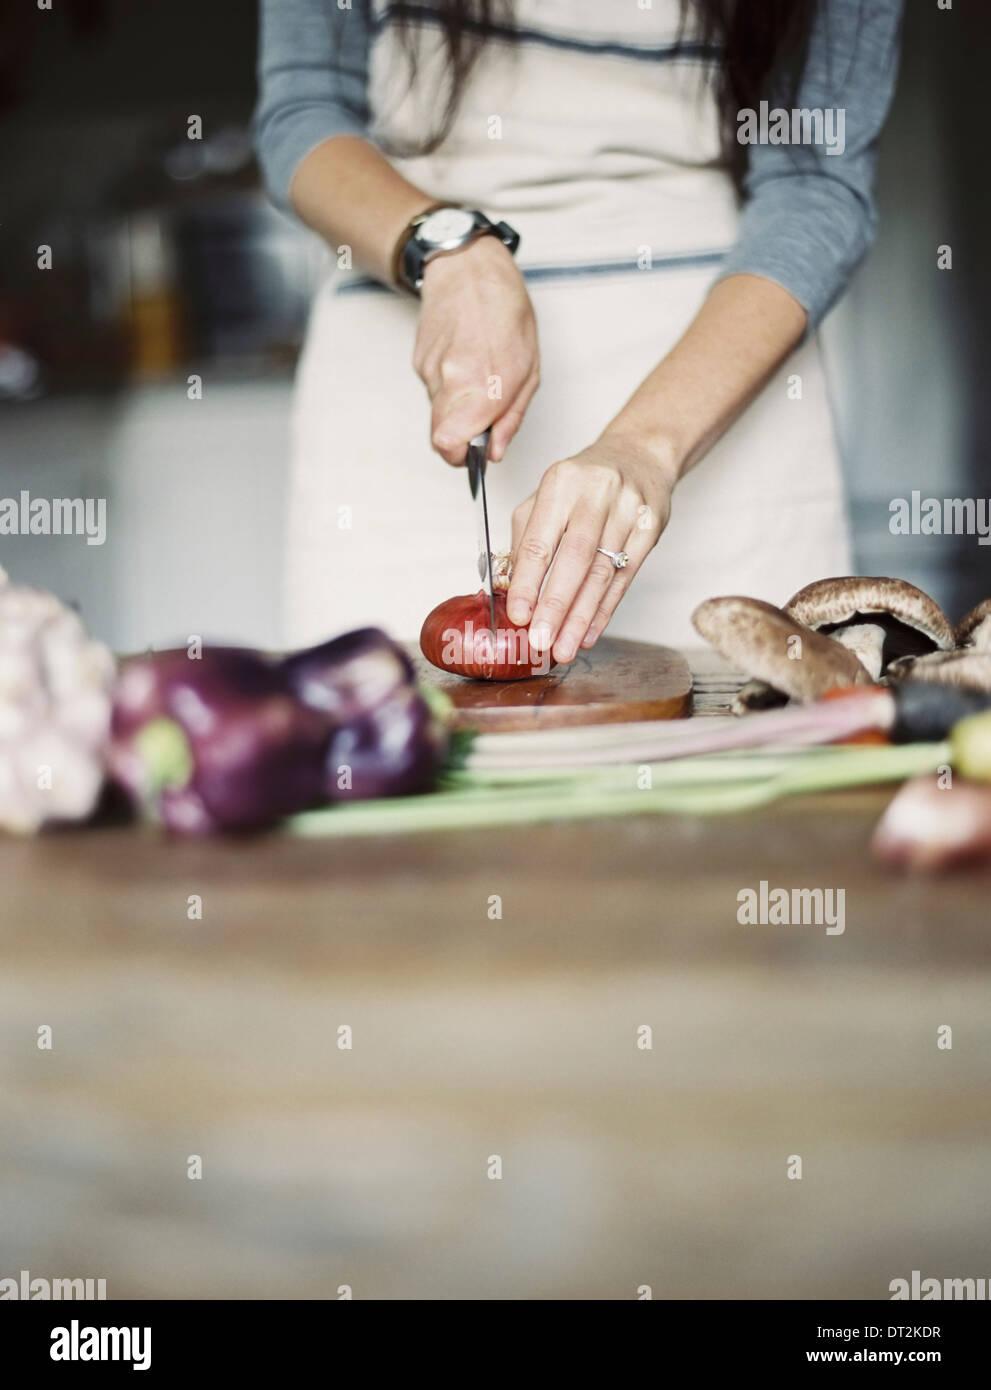 Eine häusliche Küche A Tabelle Top junge Frau frisches Gemüse mit einem Messer hacken Stockbild